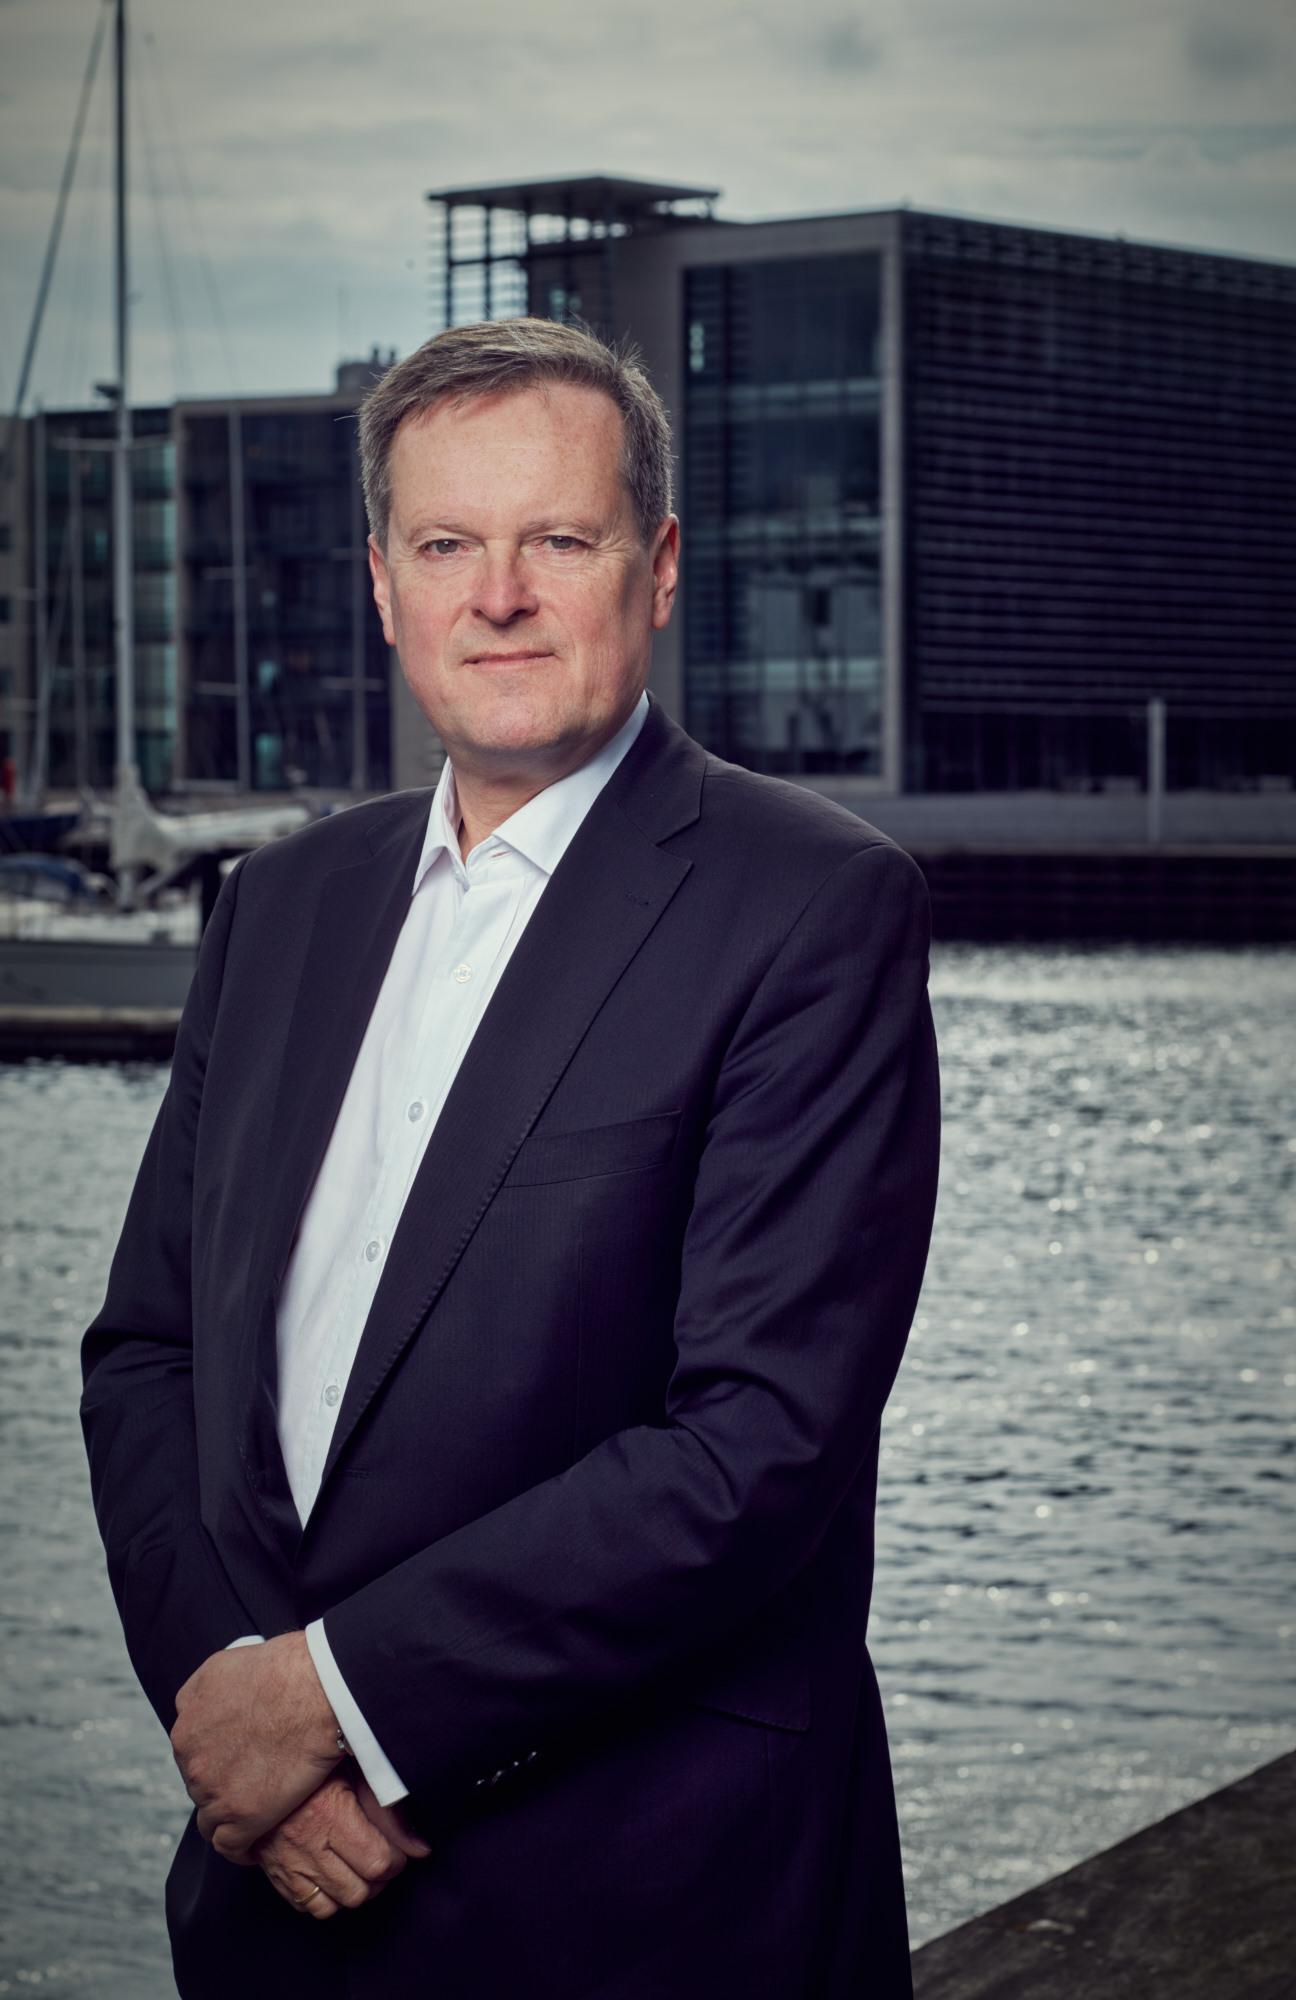 Rapport: Høj kvalitet er et kendetegn ved nordisk iværksætteri